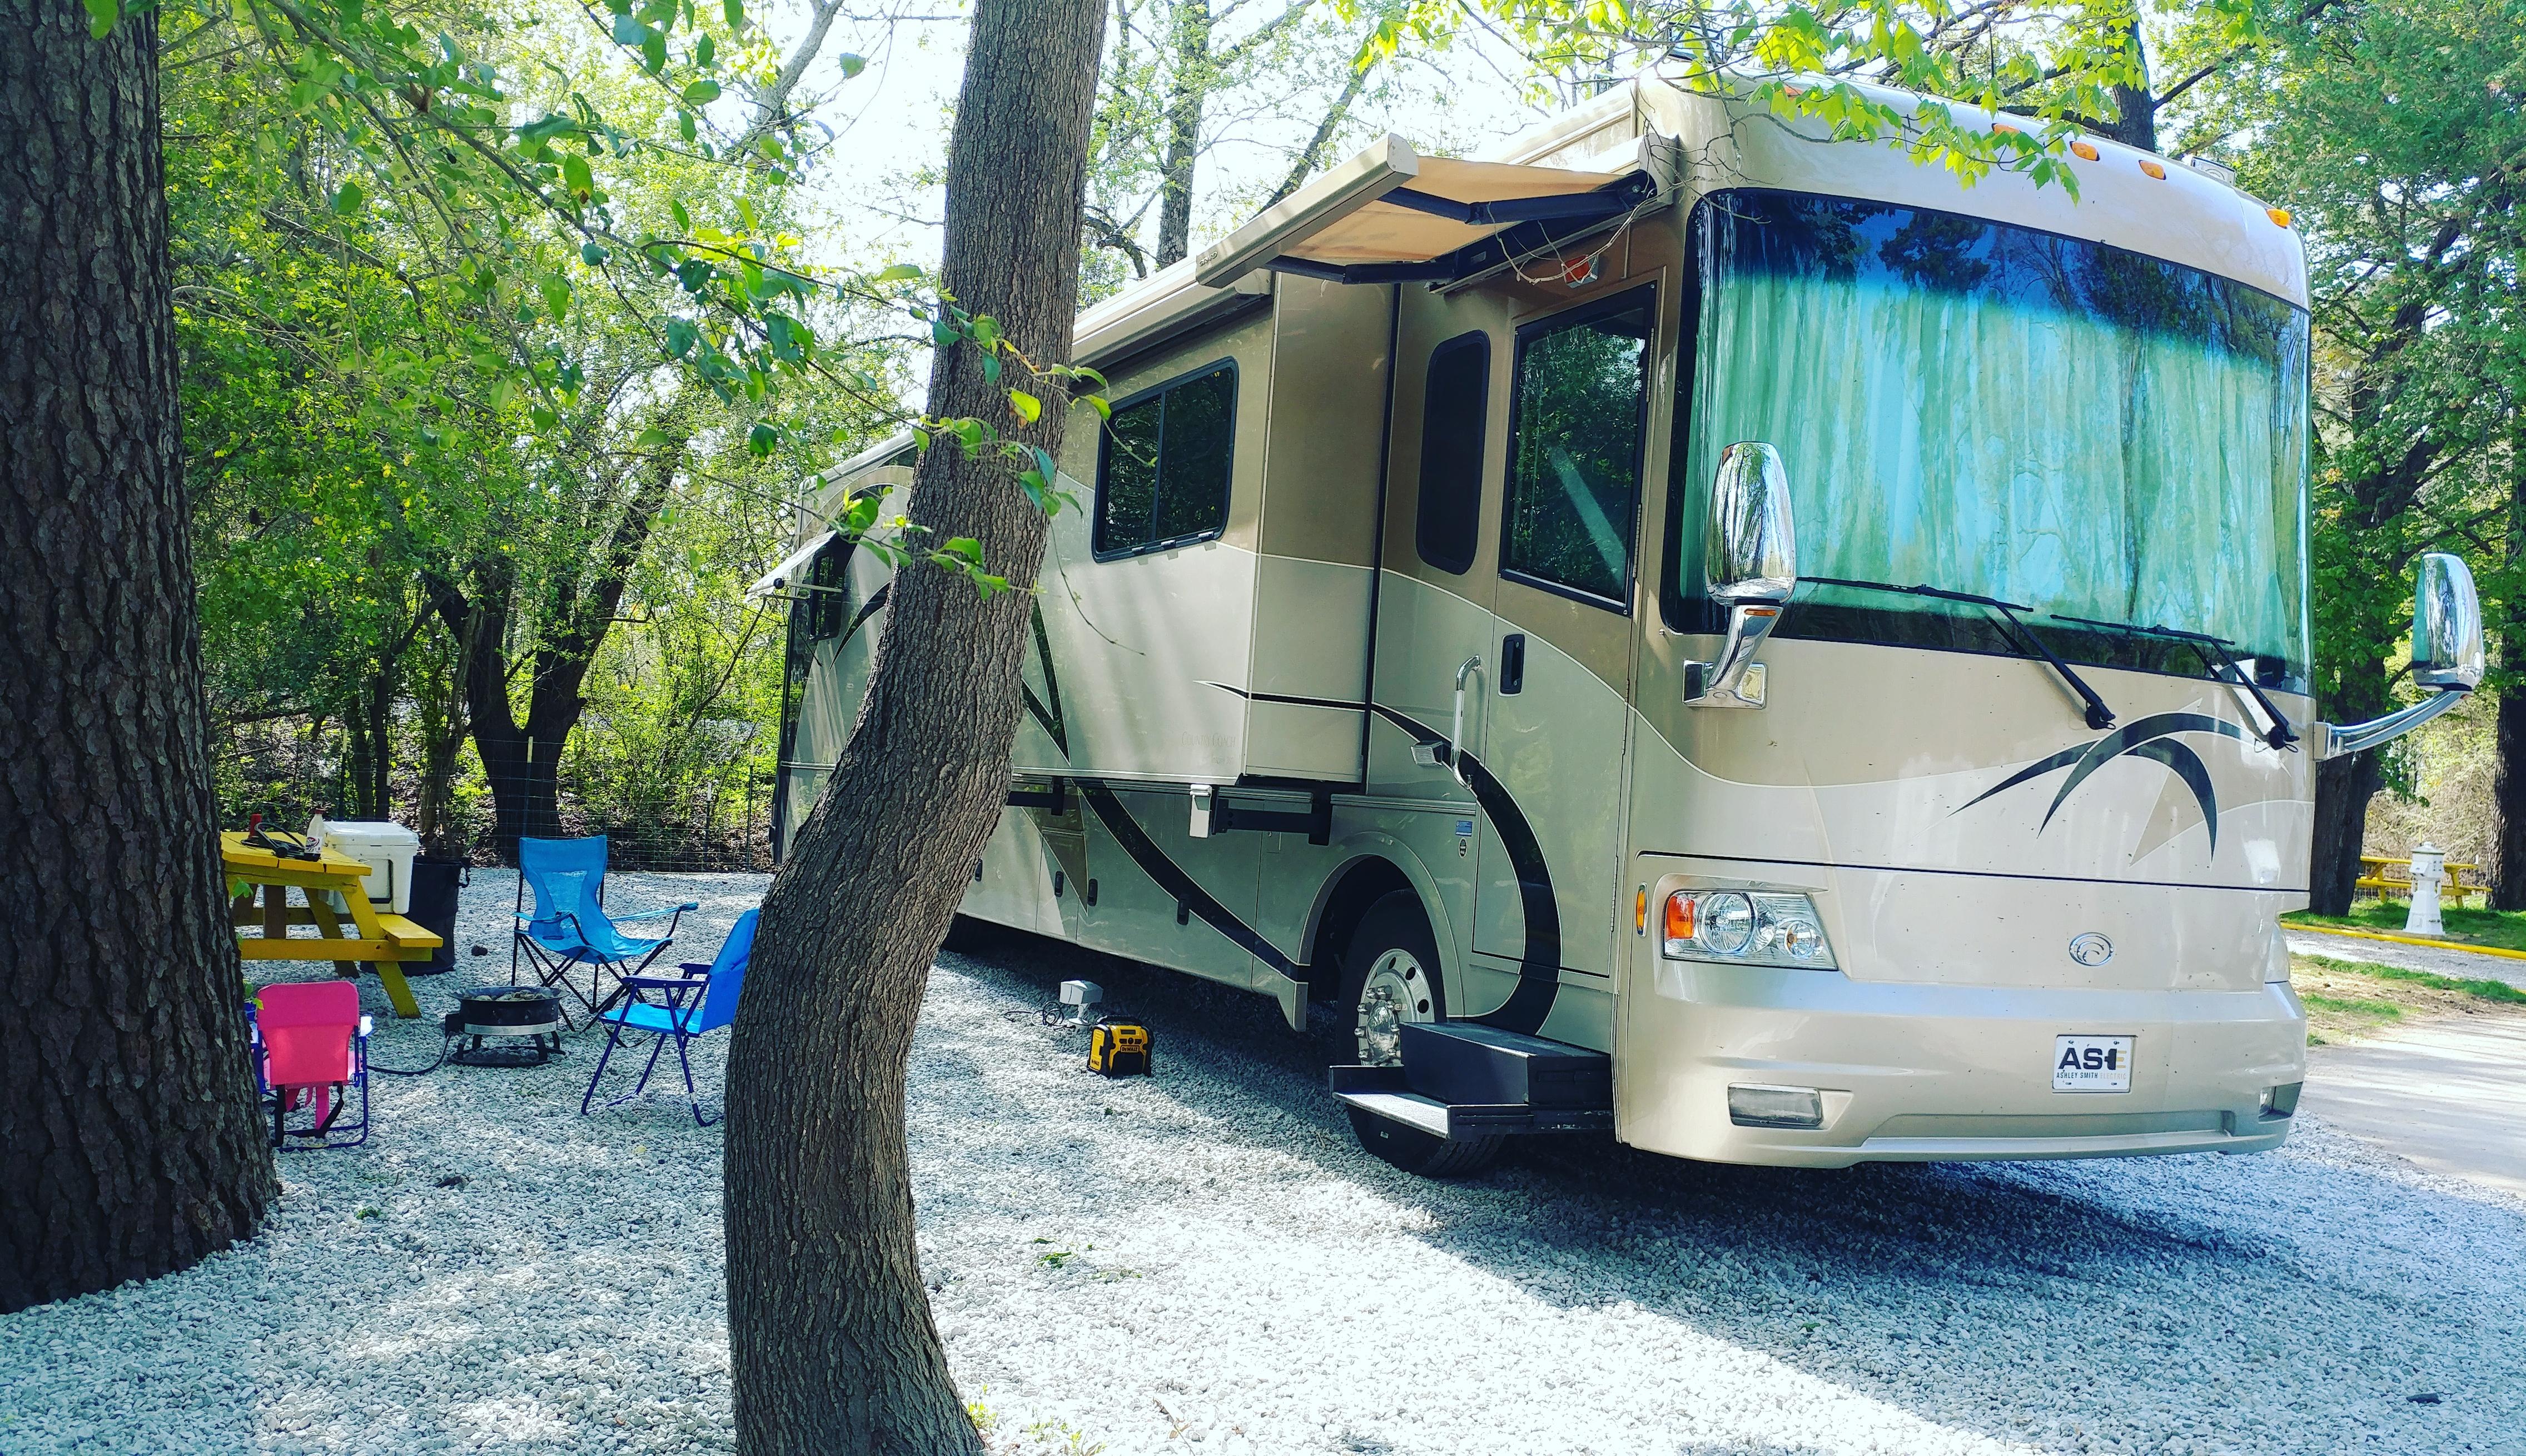 Williamsburg Rv Parks Reviews And Photos Rvparking Com